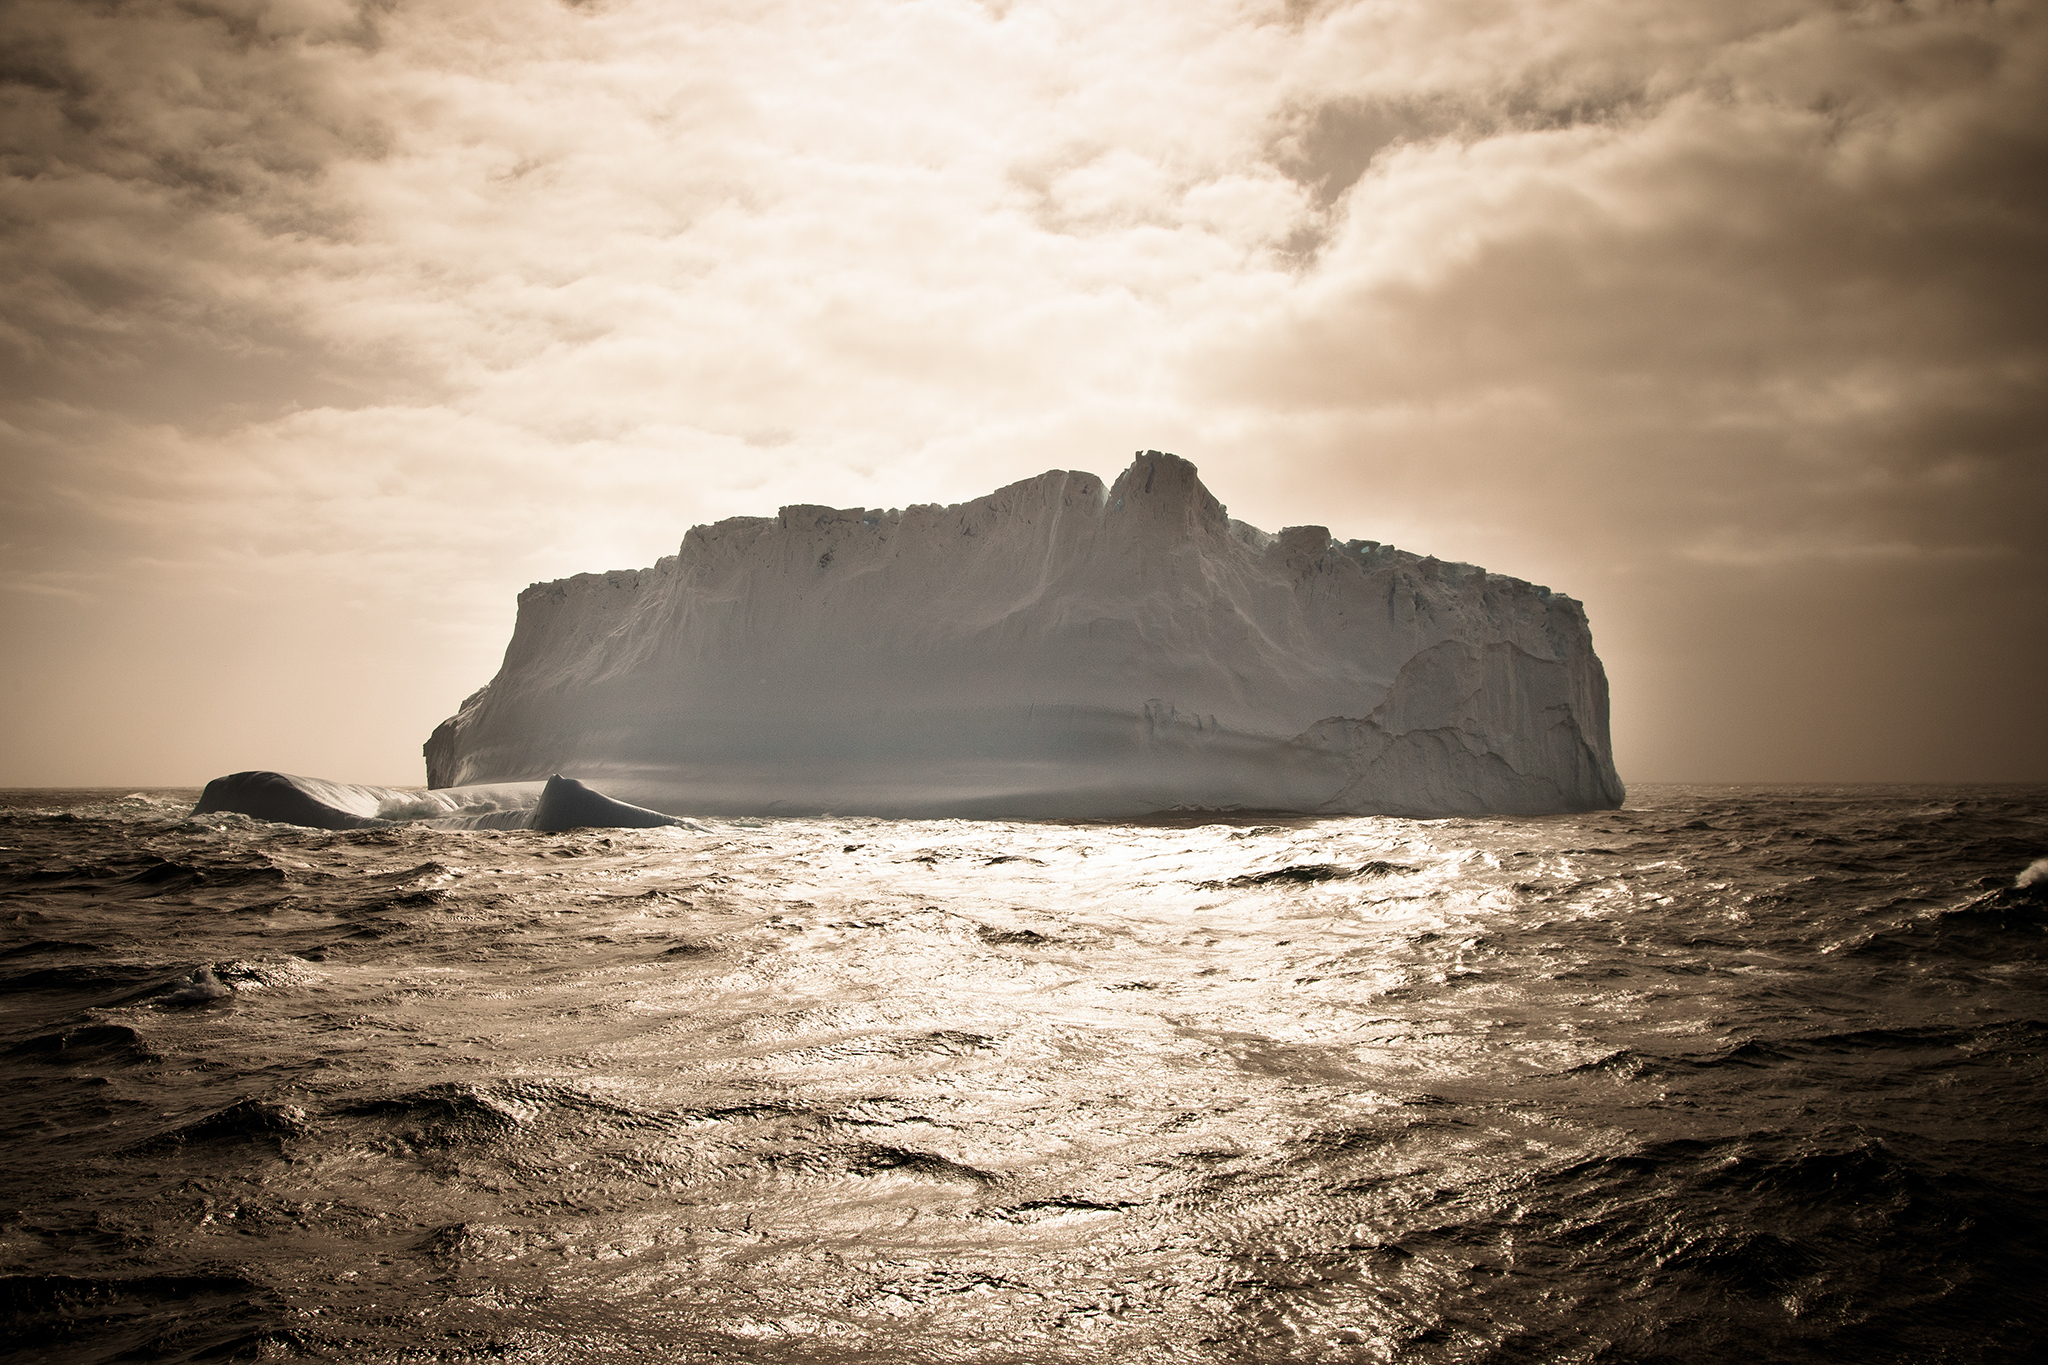 014-TW-Icebergs-131227.jpg